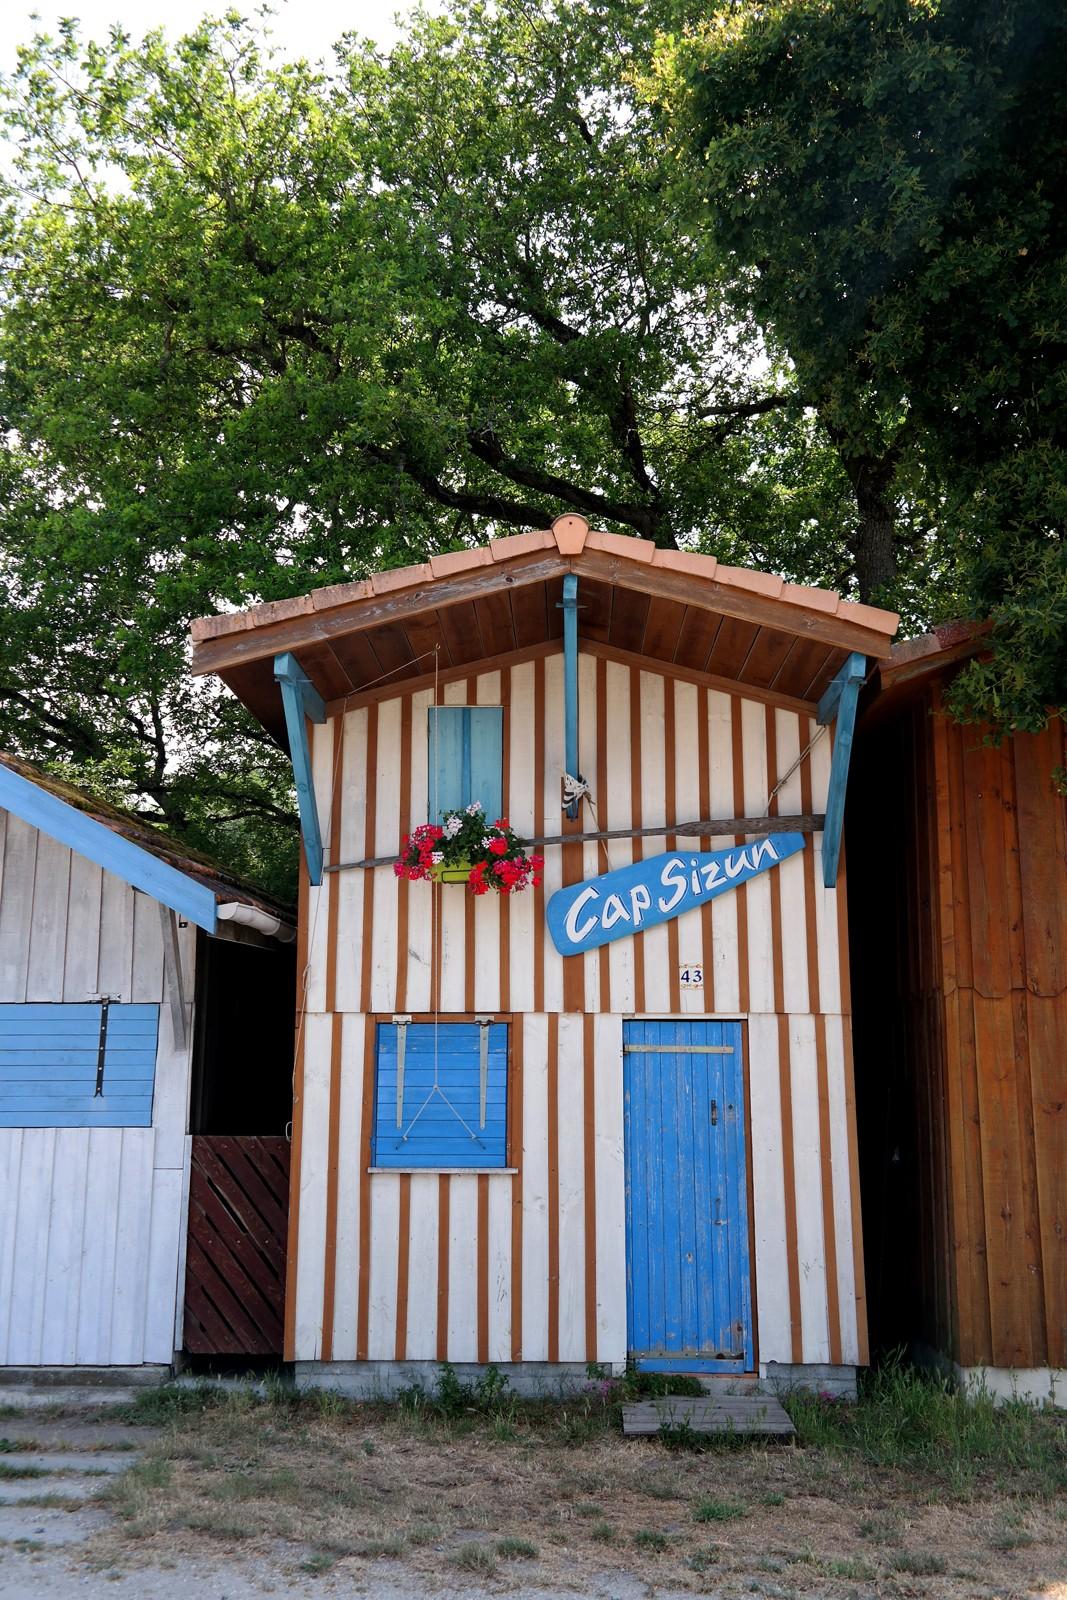 Cabane-colorée-en-bois-Cap-Sizun-Port-de-Biganos-Bassin-d-Arcachon-patrimoine-vraies-vacances-Landes-de-Gascogne-Gironde-tourisme-photo-by-united-states-of-paris-blog